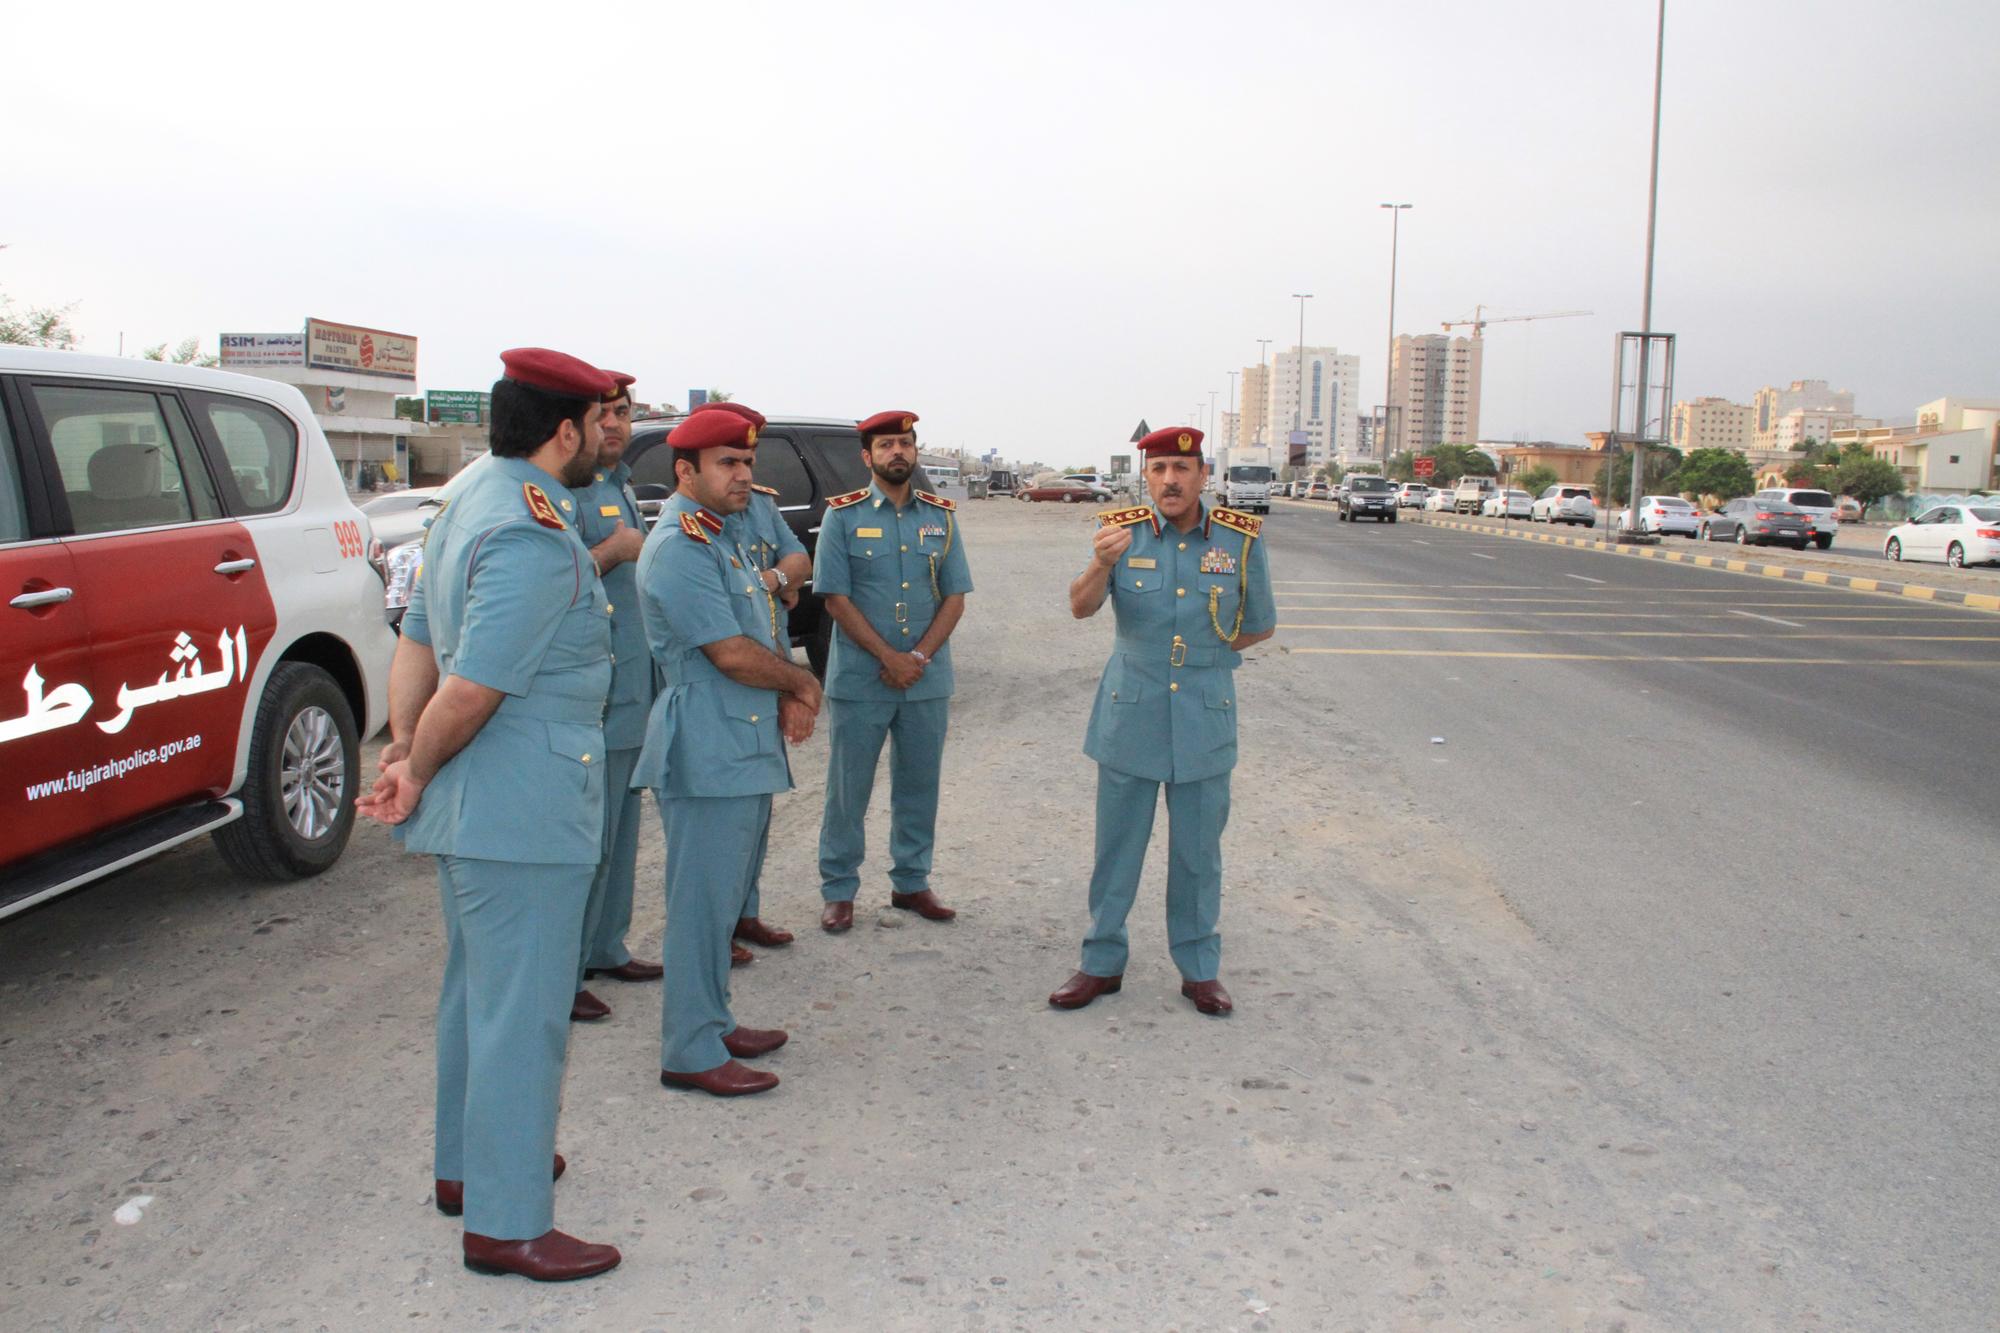 قائد شرطة الفجيرة يطلع ميدانياً على الإزدحام المروري في مربح